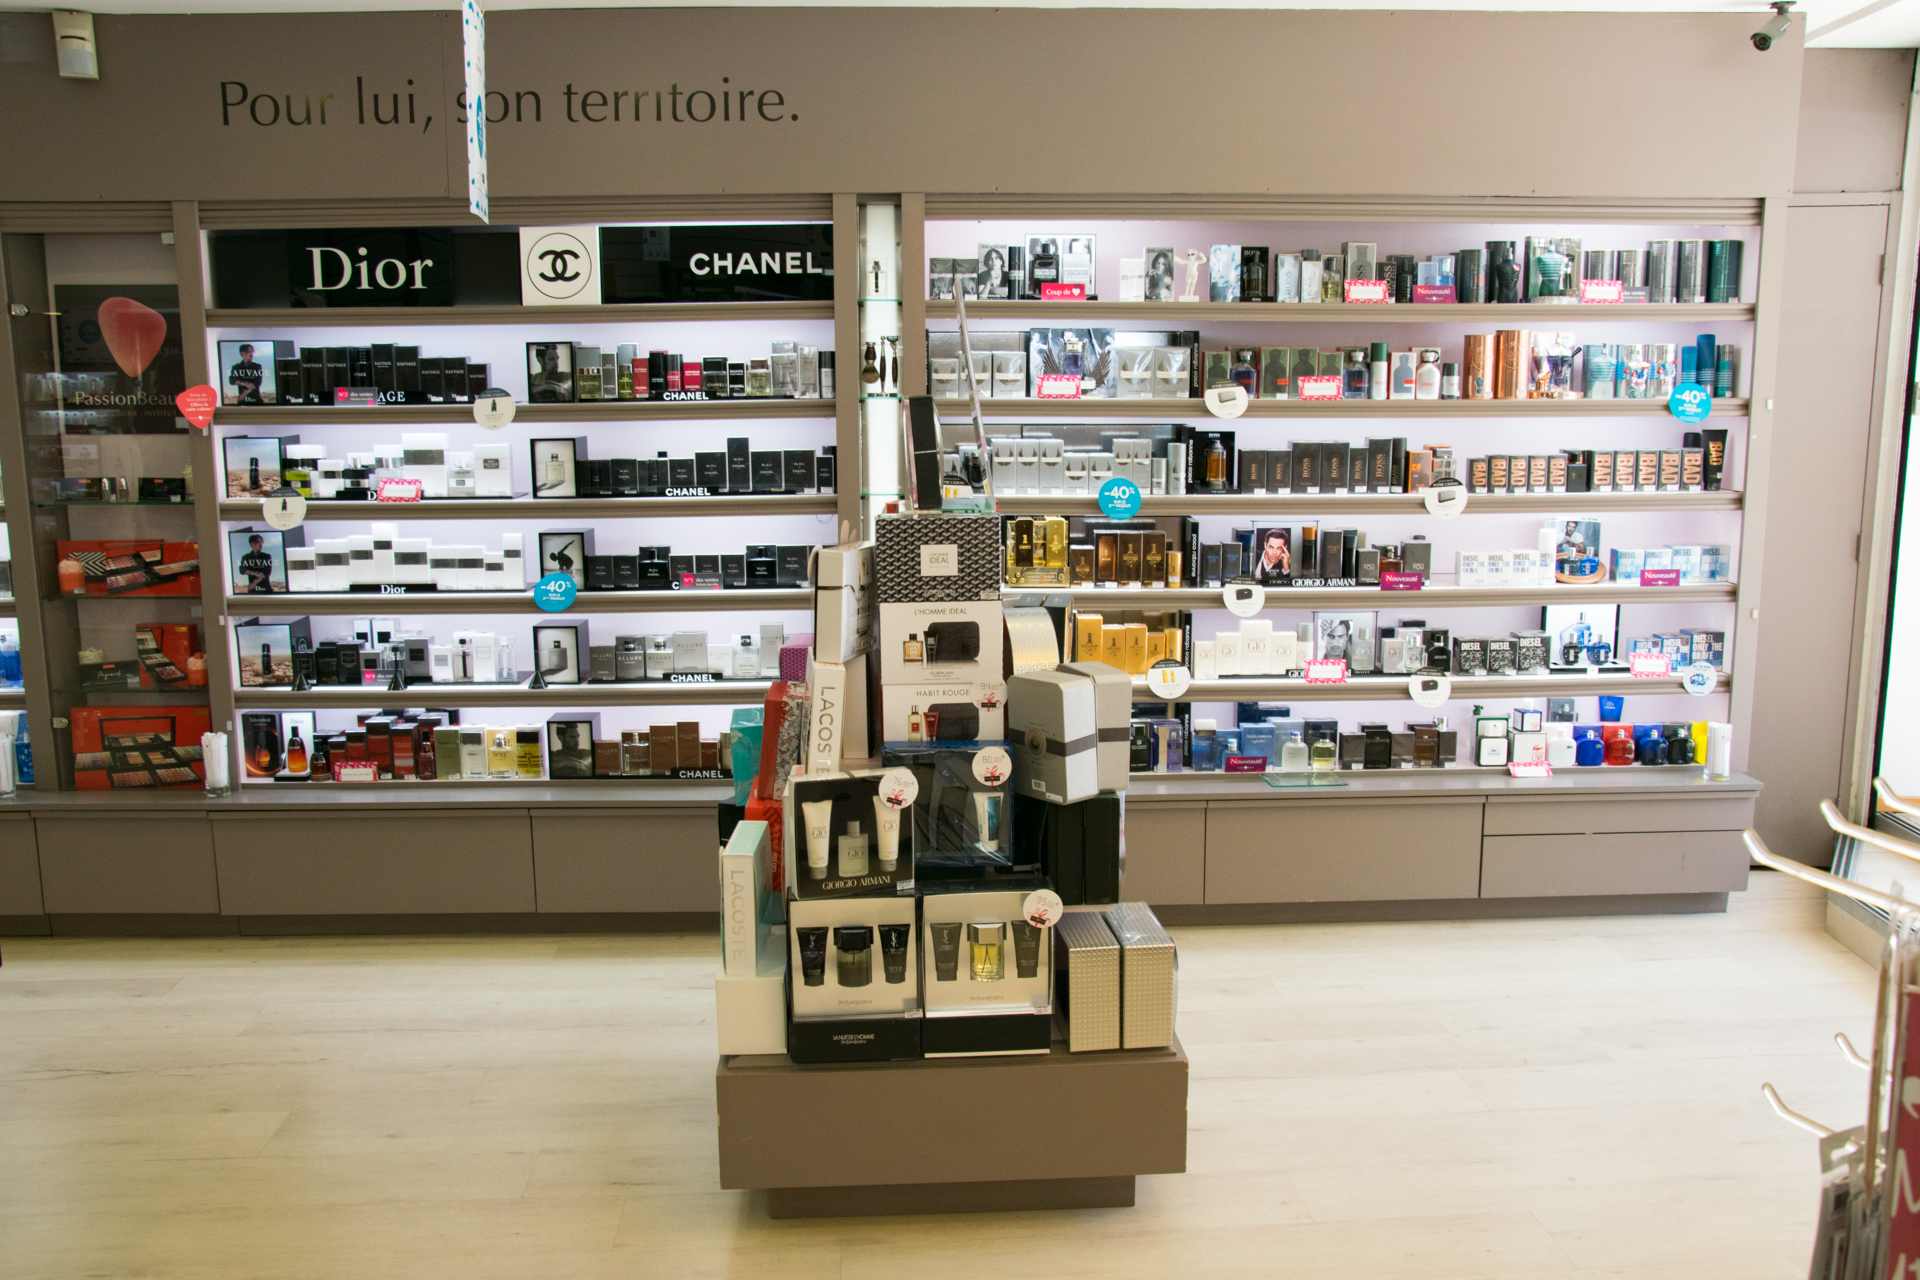 Beauté Beauté Beauté ParfumeriePassion ParfumeriePassion ParfumeriePassion Apt Apt Apt ParfumeriePassion gy6bf7